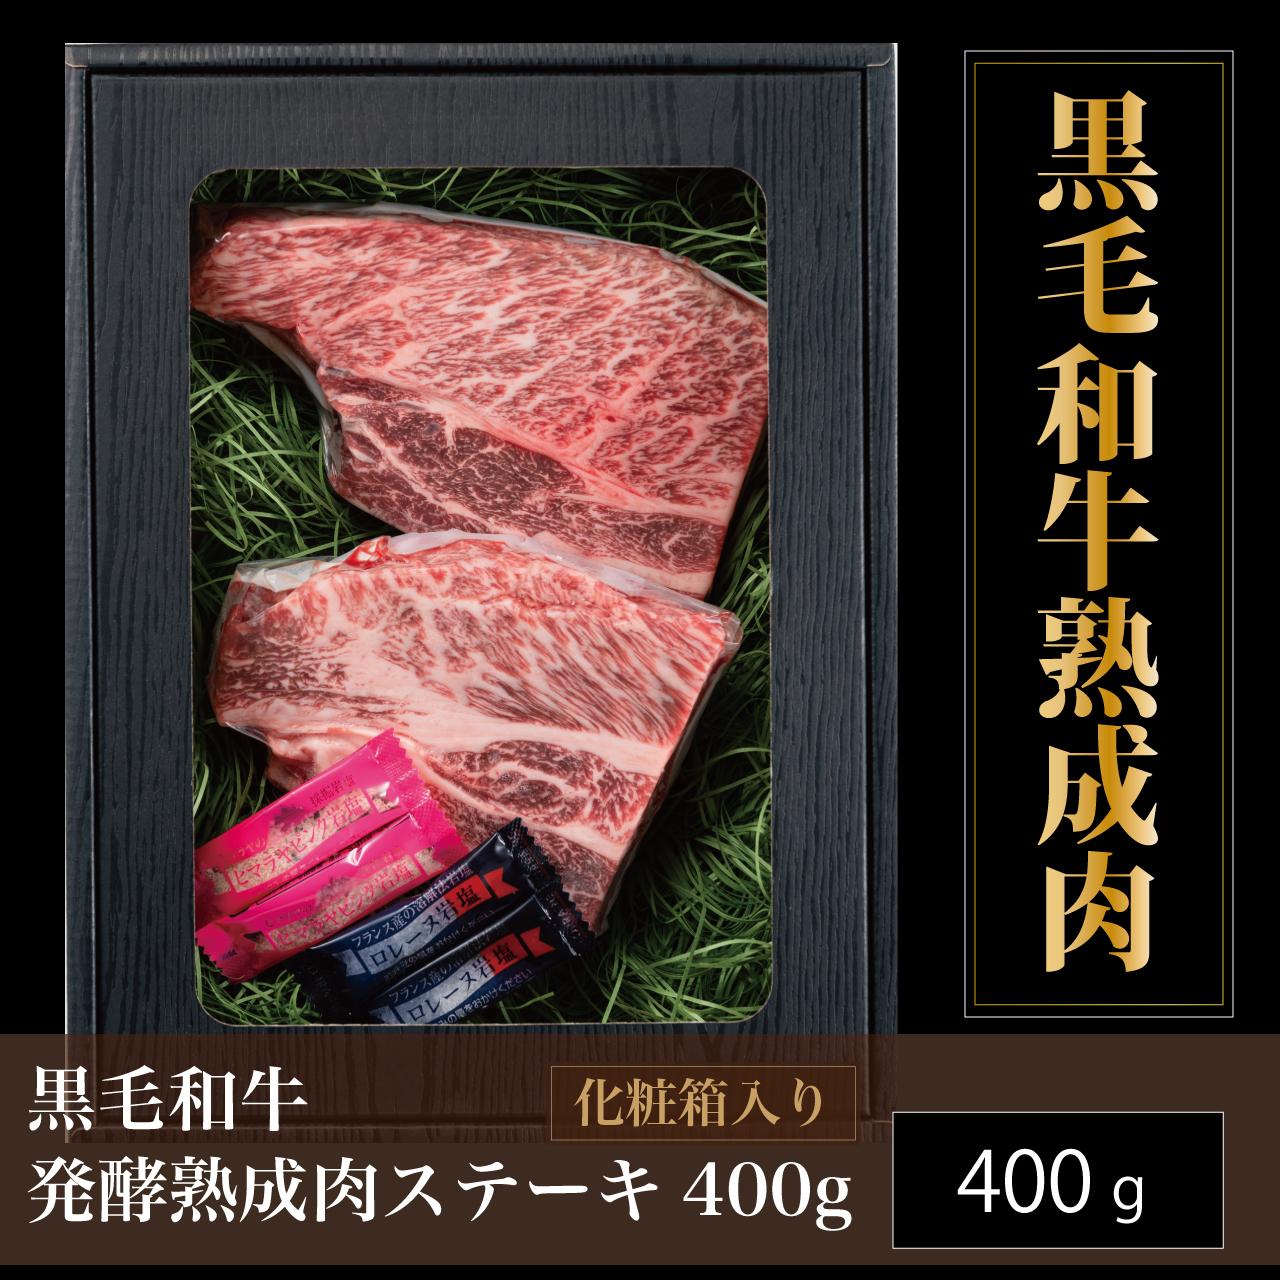 黒毛和牛 発酵熟成肉 肩ロースステーキ400g【送料無料】エイジングビーフ